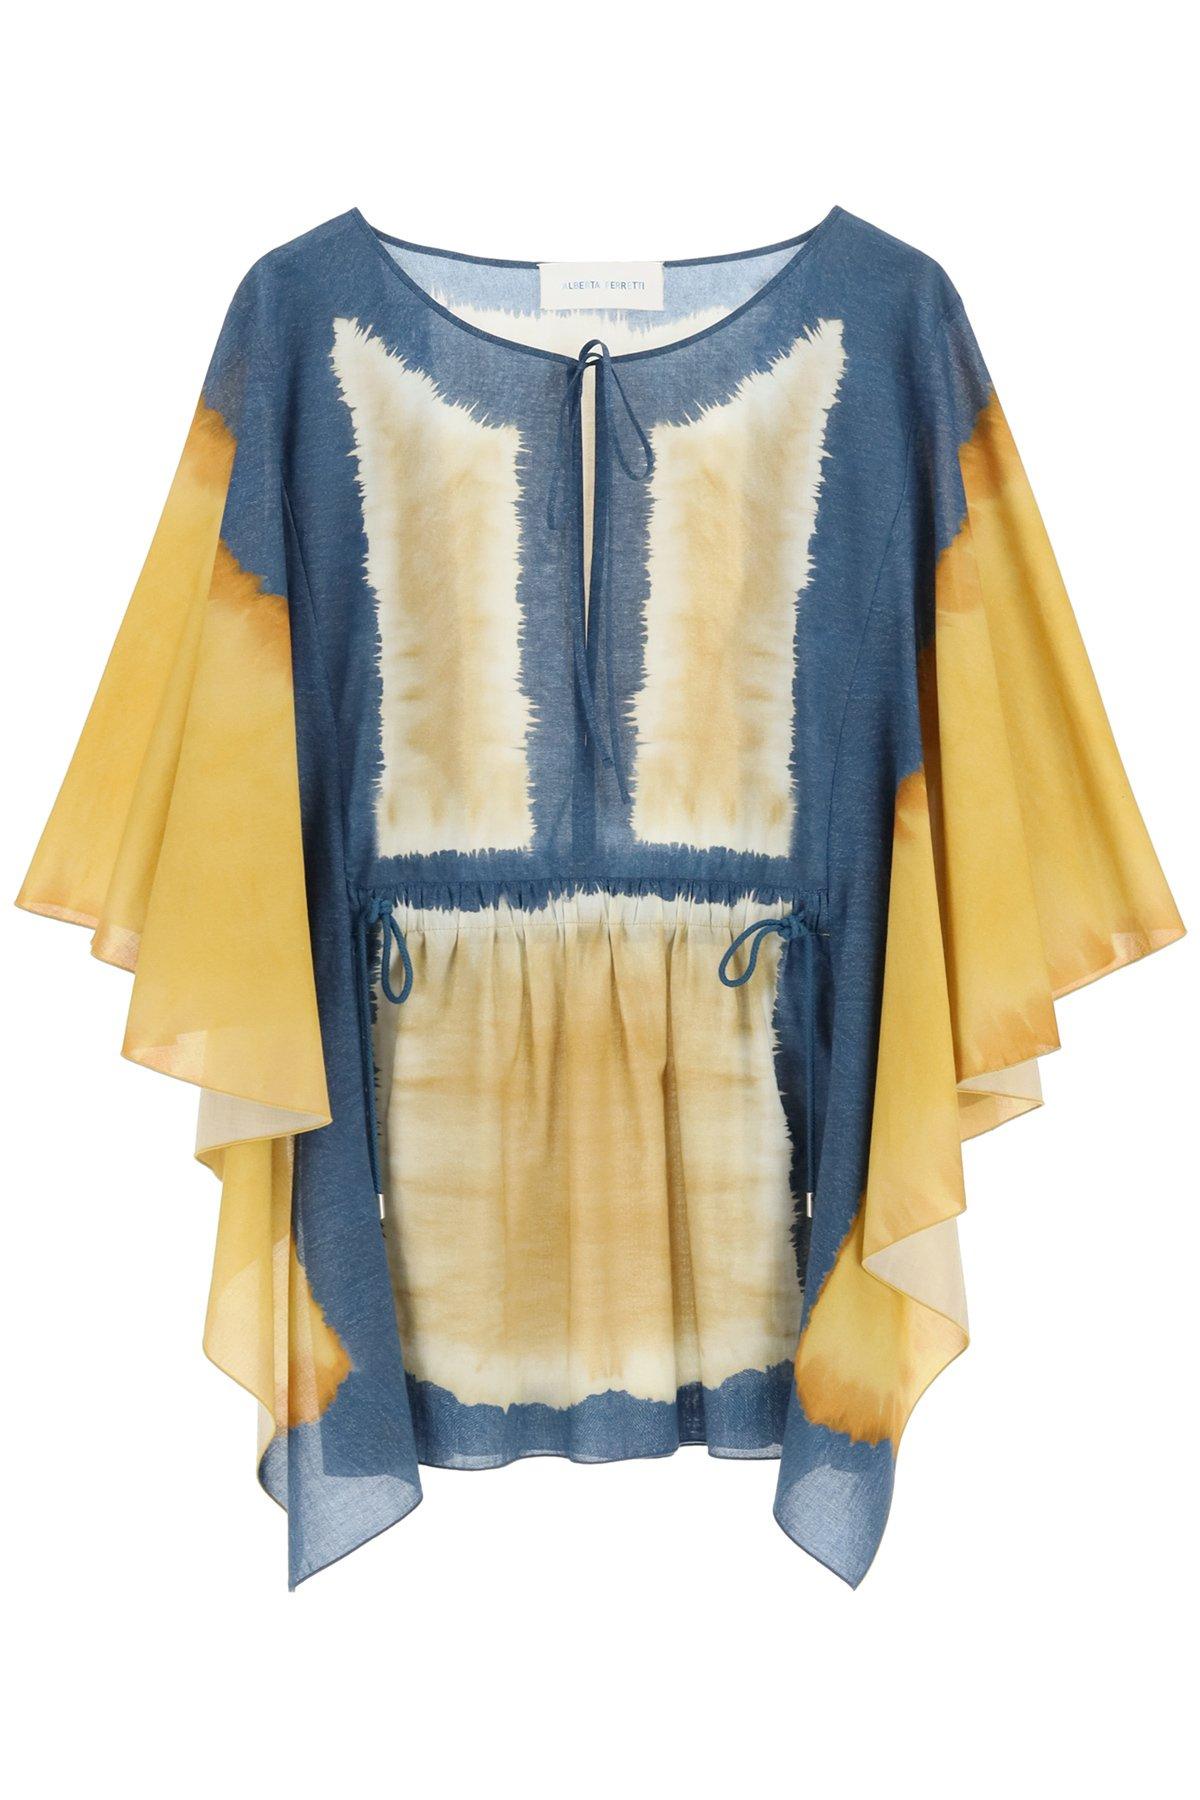 Alberta ferretti caftano tie-dye i love summer